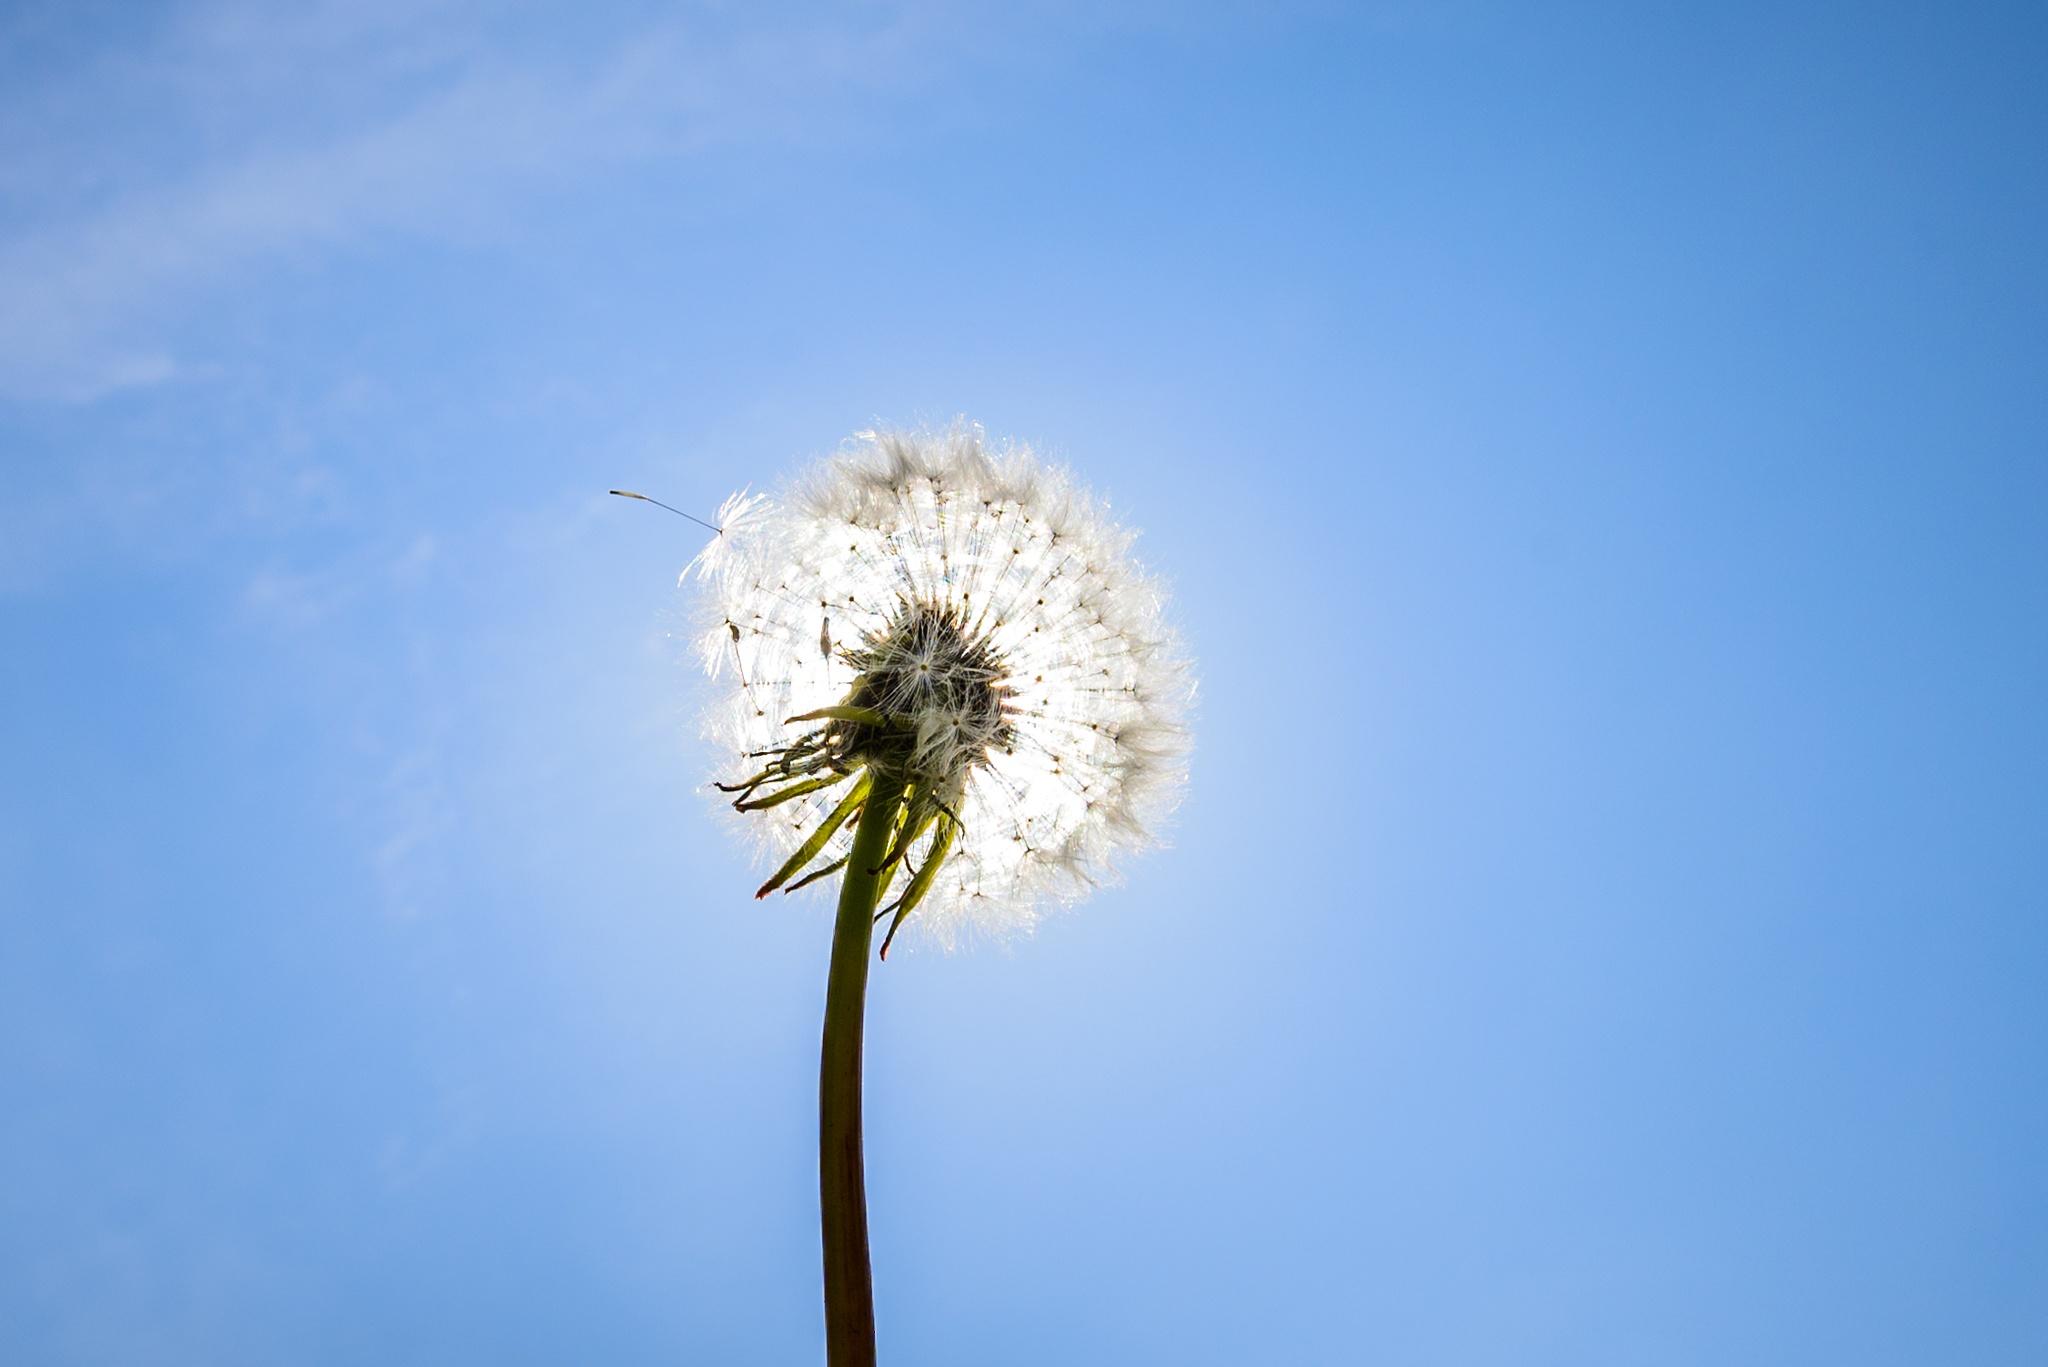 Dandelion in the sun by Jostijn Ligtvoet Fotografie